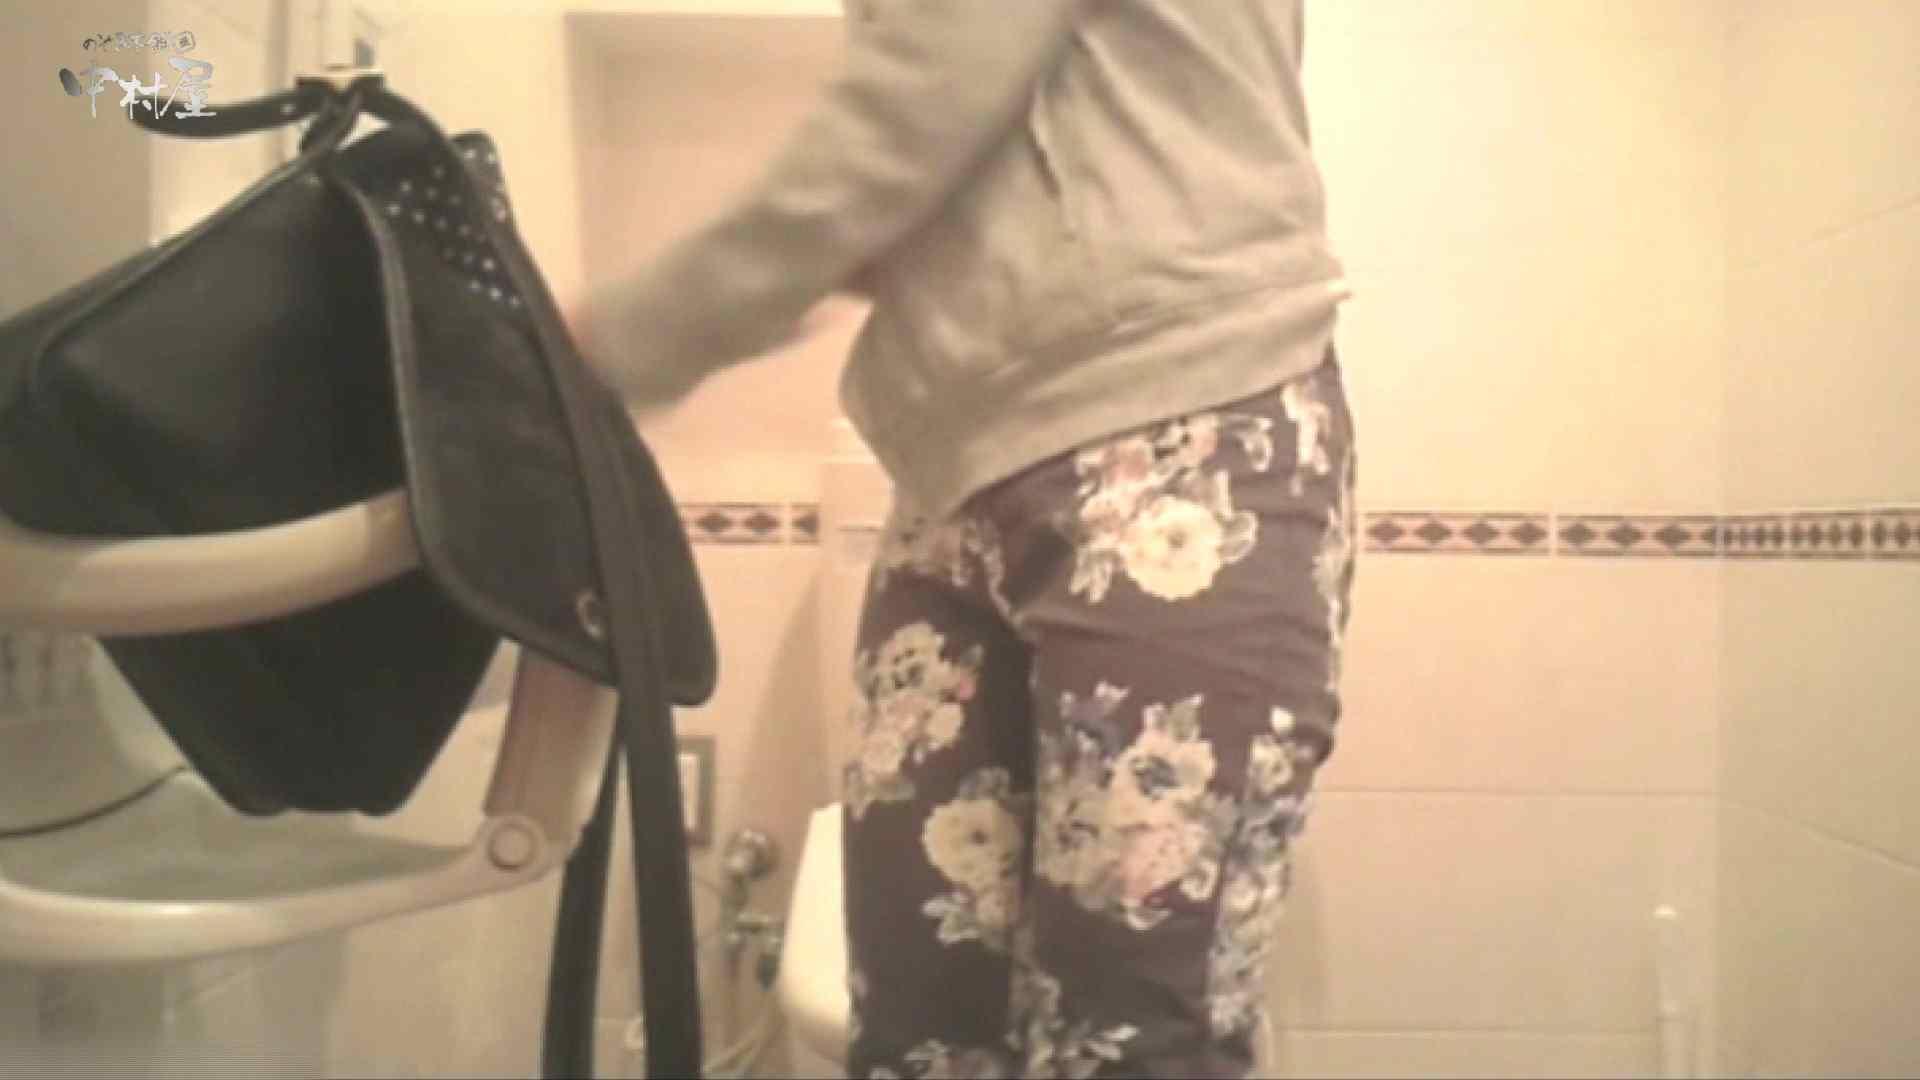 ティーンガールのトイレ覗き‼vol.13 お姉さんのエロ動画 オマンコ無修正動画無料 101PIX 52